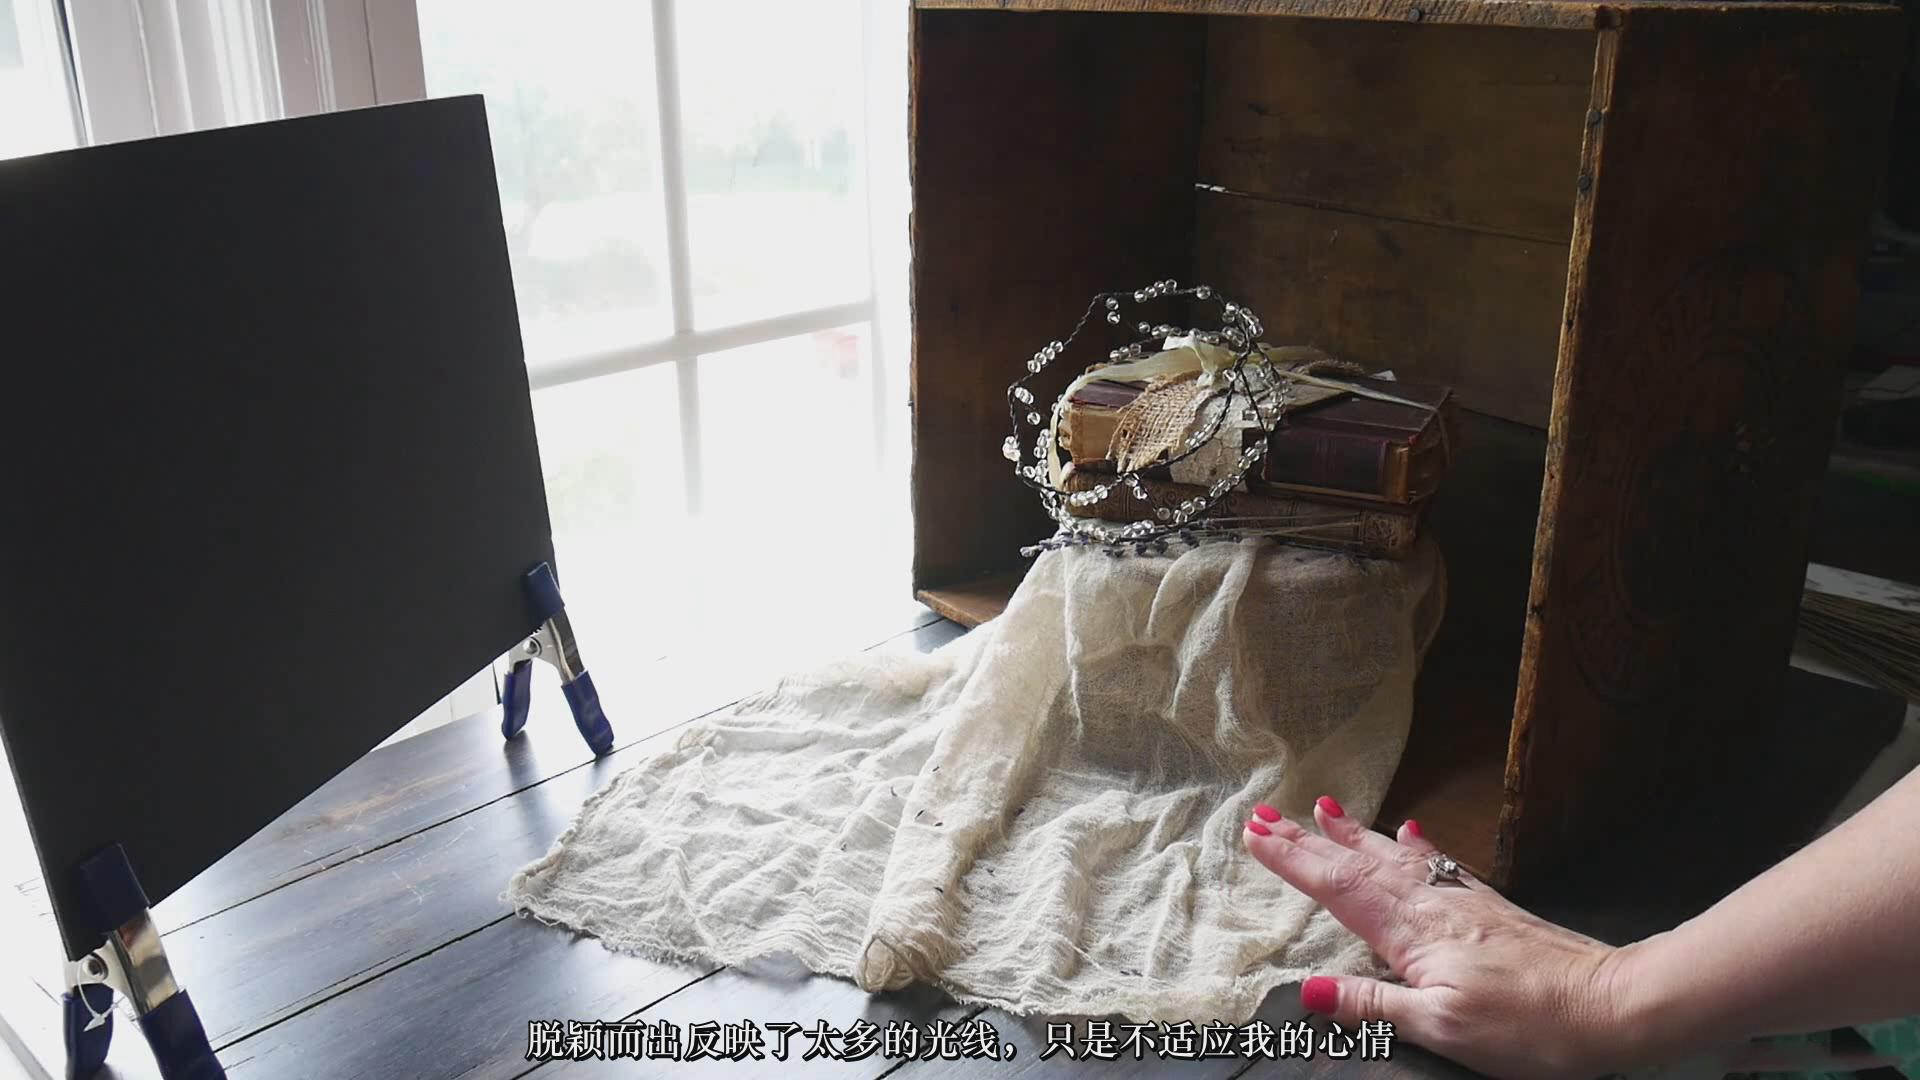 摄影教程_Lenslab –静物花卉产品摄影掌握色彩突破艺术界限研讨会-中文字幕 摄影教程 _预览图9